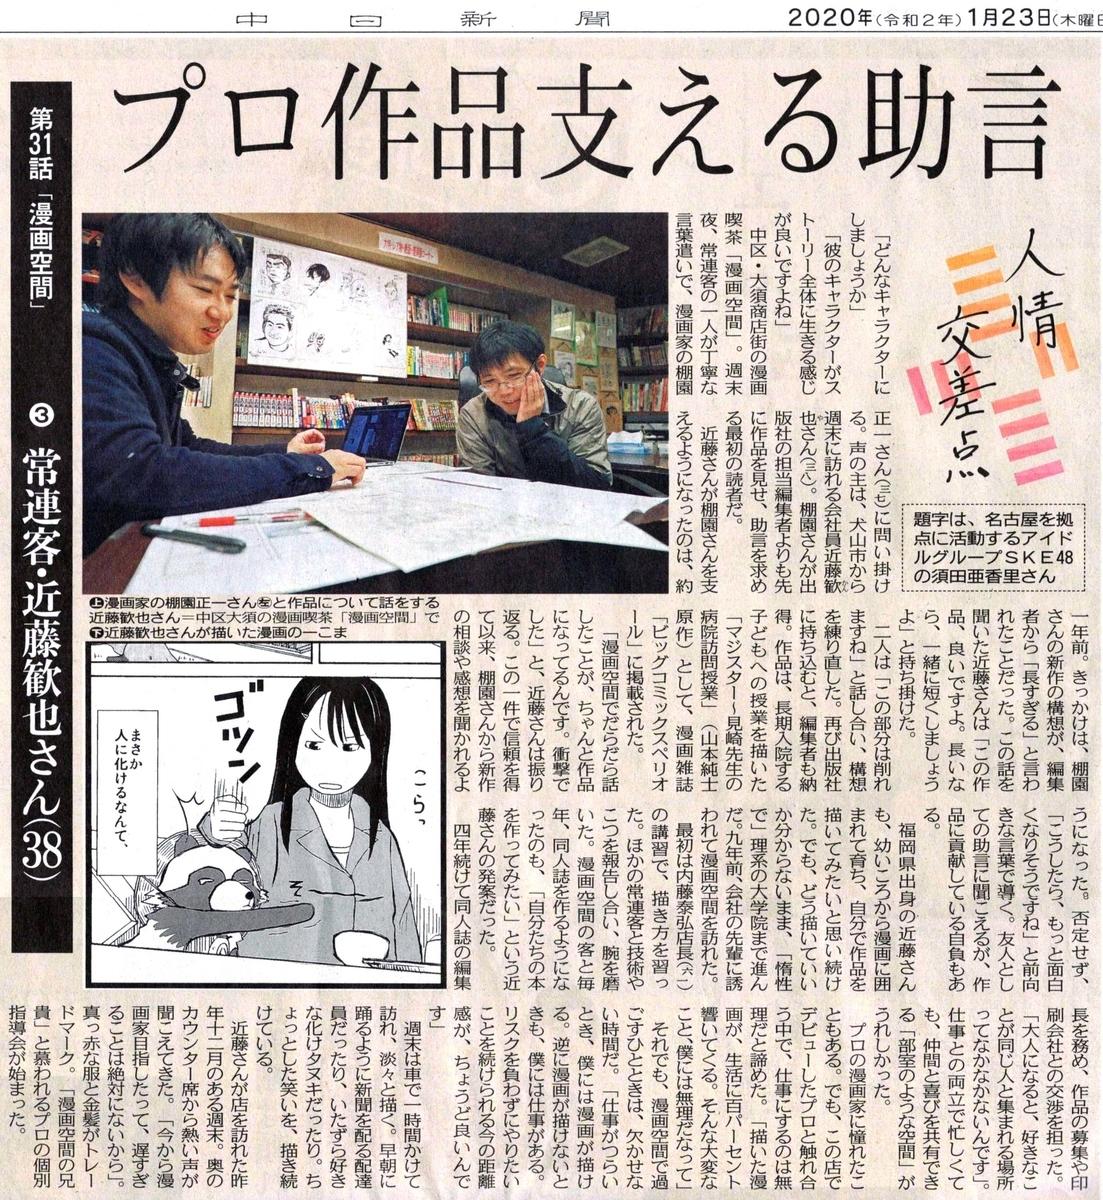 2020年1月24日 中日新聞 人情交差点 漫画空間